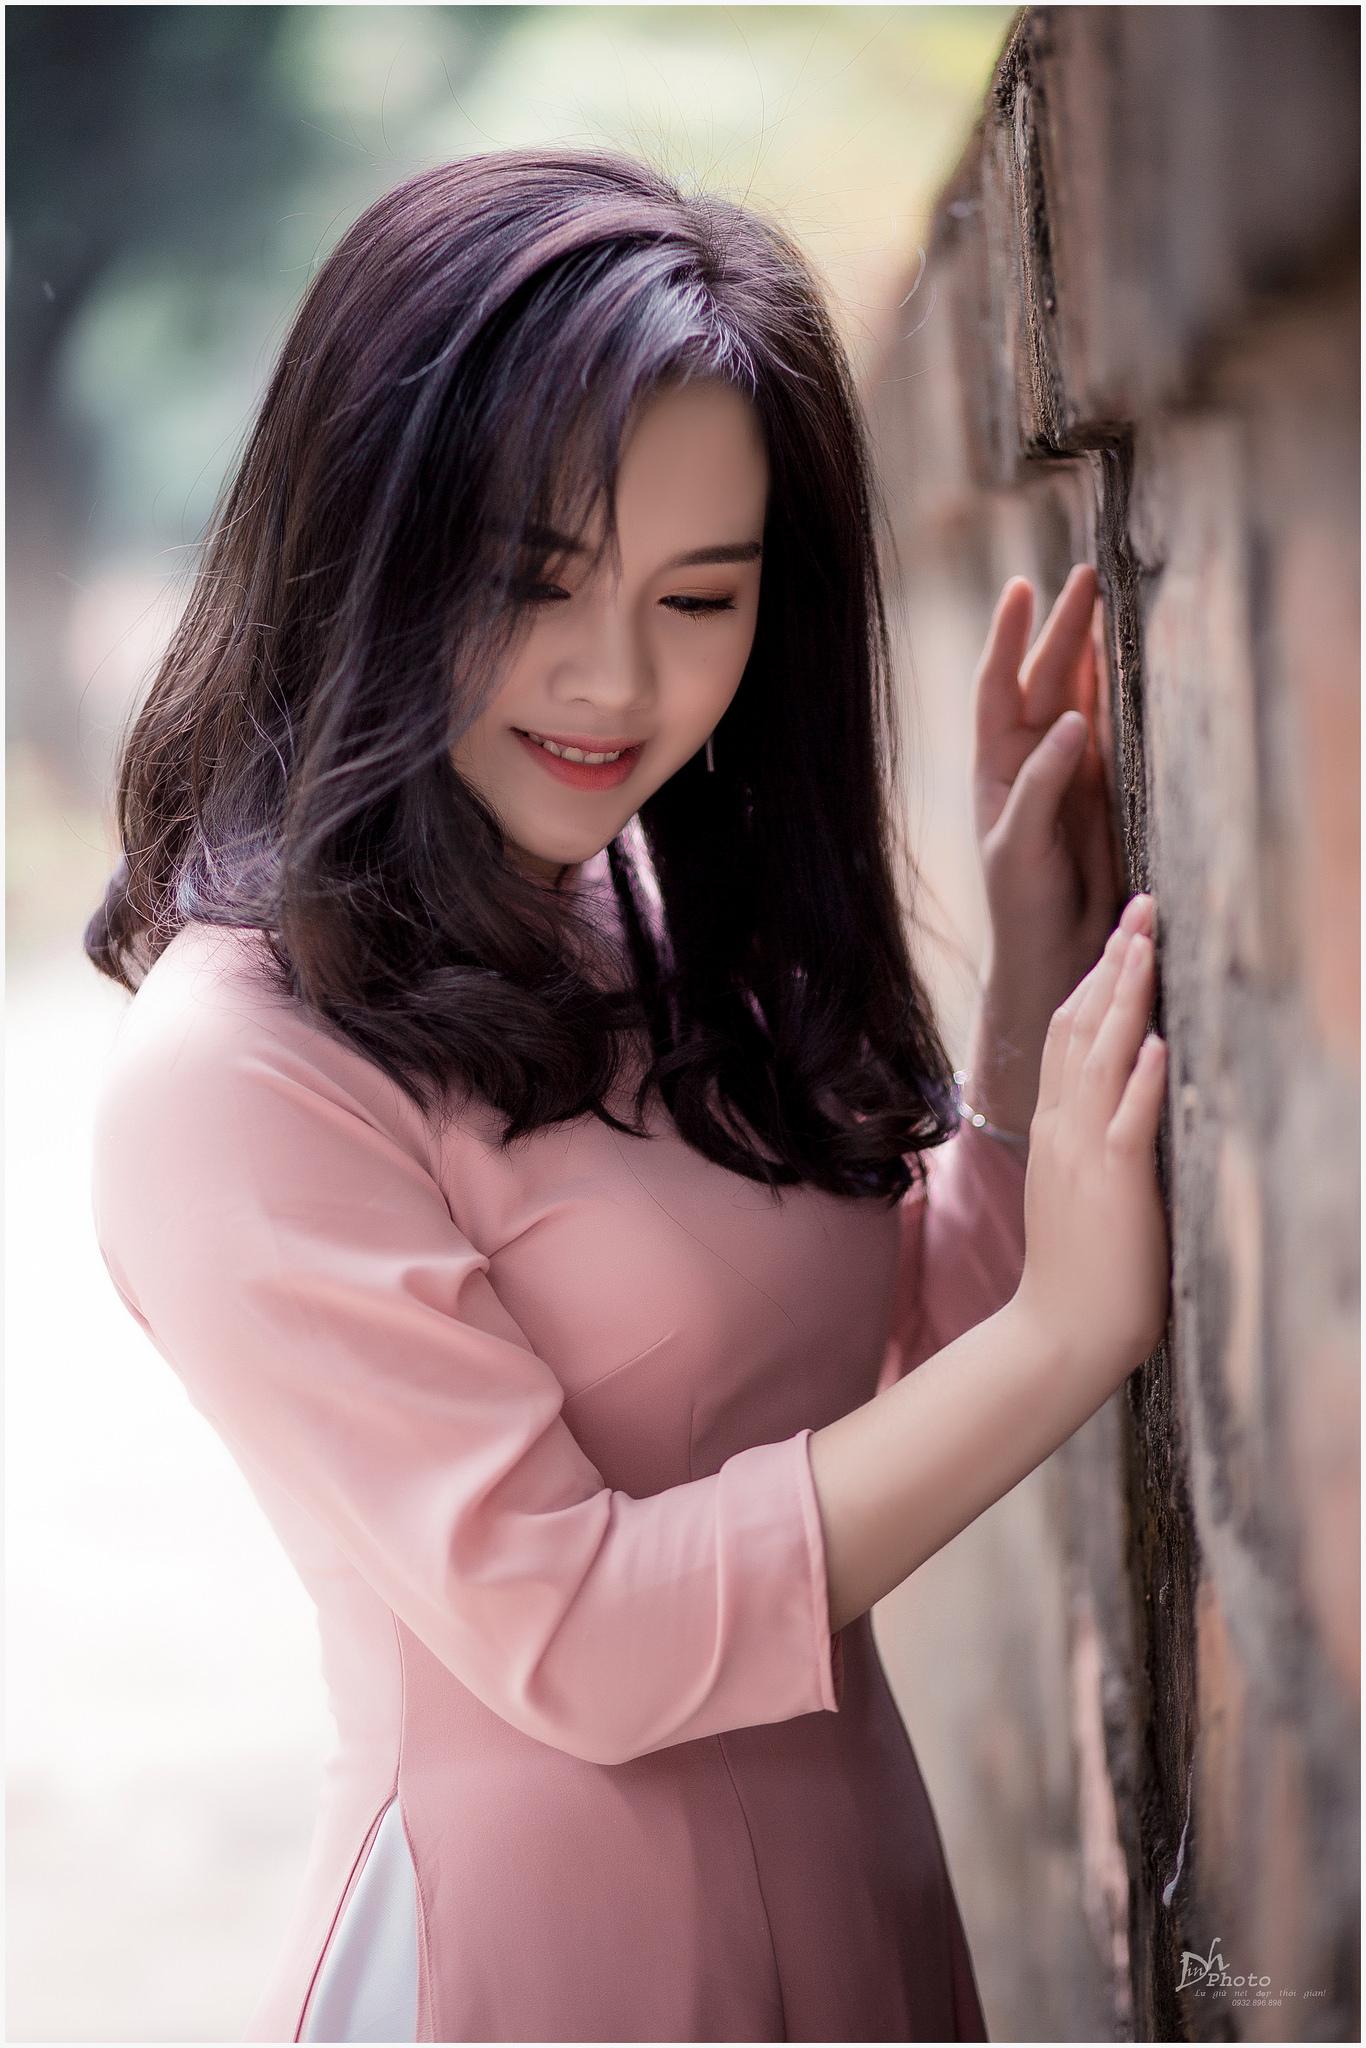 Tuyển tập girl xinh gái đẹp Việt Nam mặc áo dài đẹp mê hồn #60 - 10